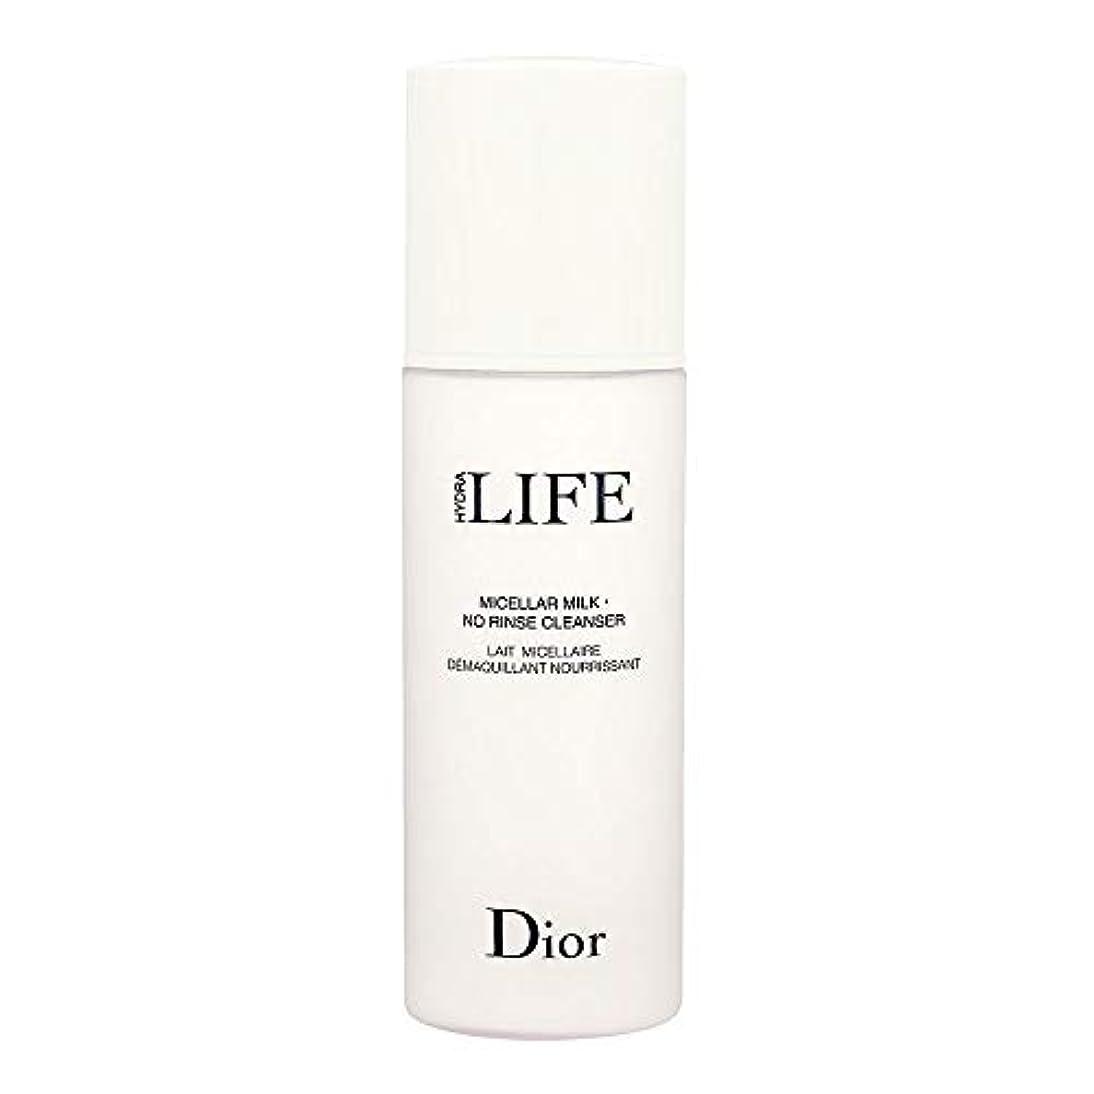 ディオール(Dior) ディオール ライフ クレンジング ミルク [並行輸入品]